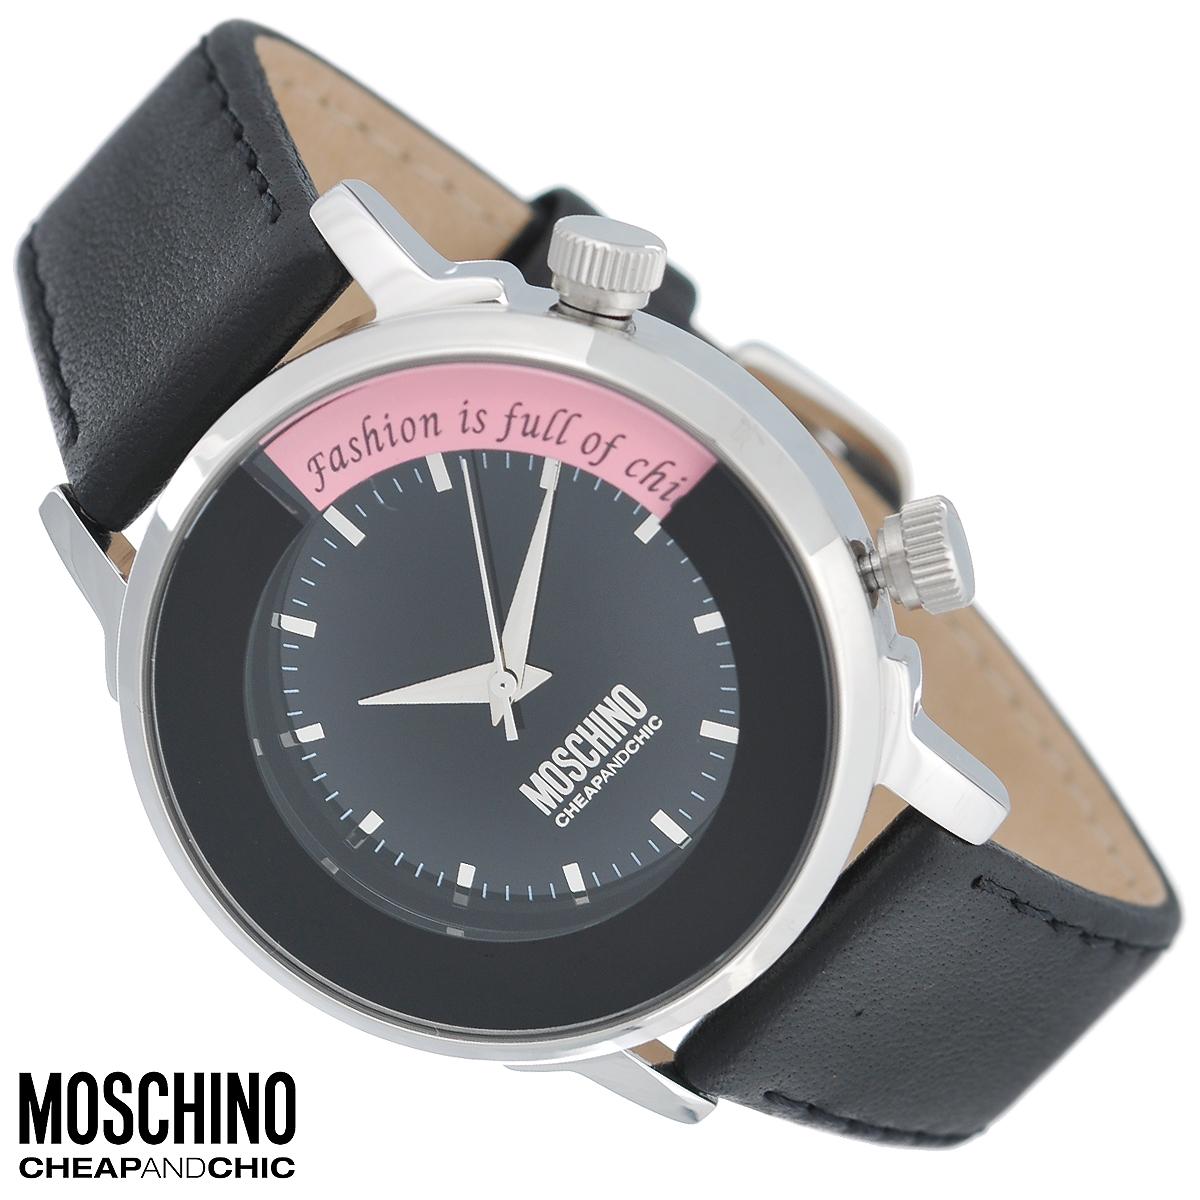 Часы женские наручные Moschino, цвет: черный. MW0249MW0249Наручные часы от известного итальянского бренда Moschino - это не только стильный и функциональный аксессуар, но и современные технологи, сочетающиеся с экстравагантным дизайном и индивидуальностью. Часы Moschino оснащены кварцевым механизмом. Корпус выполнен из высококачественной нержавеющей стали. Циферблат с отметками защищен минеральным стеклом. Под циферблатом расположено вращающееся кольцо с цветными кристаллами. Выбор цвета кристаллов осуществляется поворотом заводной головки на два часа. Часы имеют три стрелки - часовую, минутную и секундную. Ремешок часов выполнен из натуральной кожи и оснащен классической застежкой. Часы упакованы в фирменную металлическую коробку с логотипом бренда. Часы Moschino благодаря своему уникальному дизайну отличаются от часов других марок своеобразными циферблатами, функциональностью, а также набором уникальных технических свойств. Каждой модели присуща легкая экстравагантность, самобытность и, безусловно,...